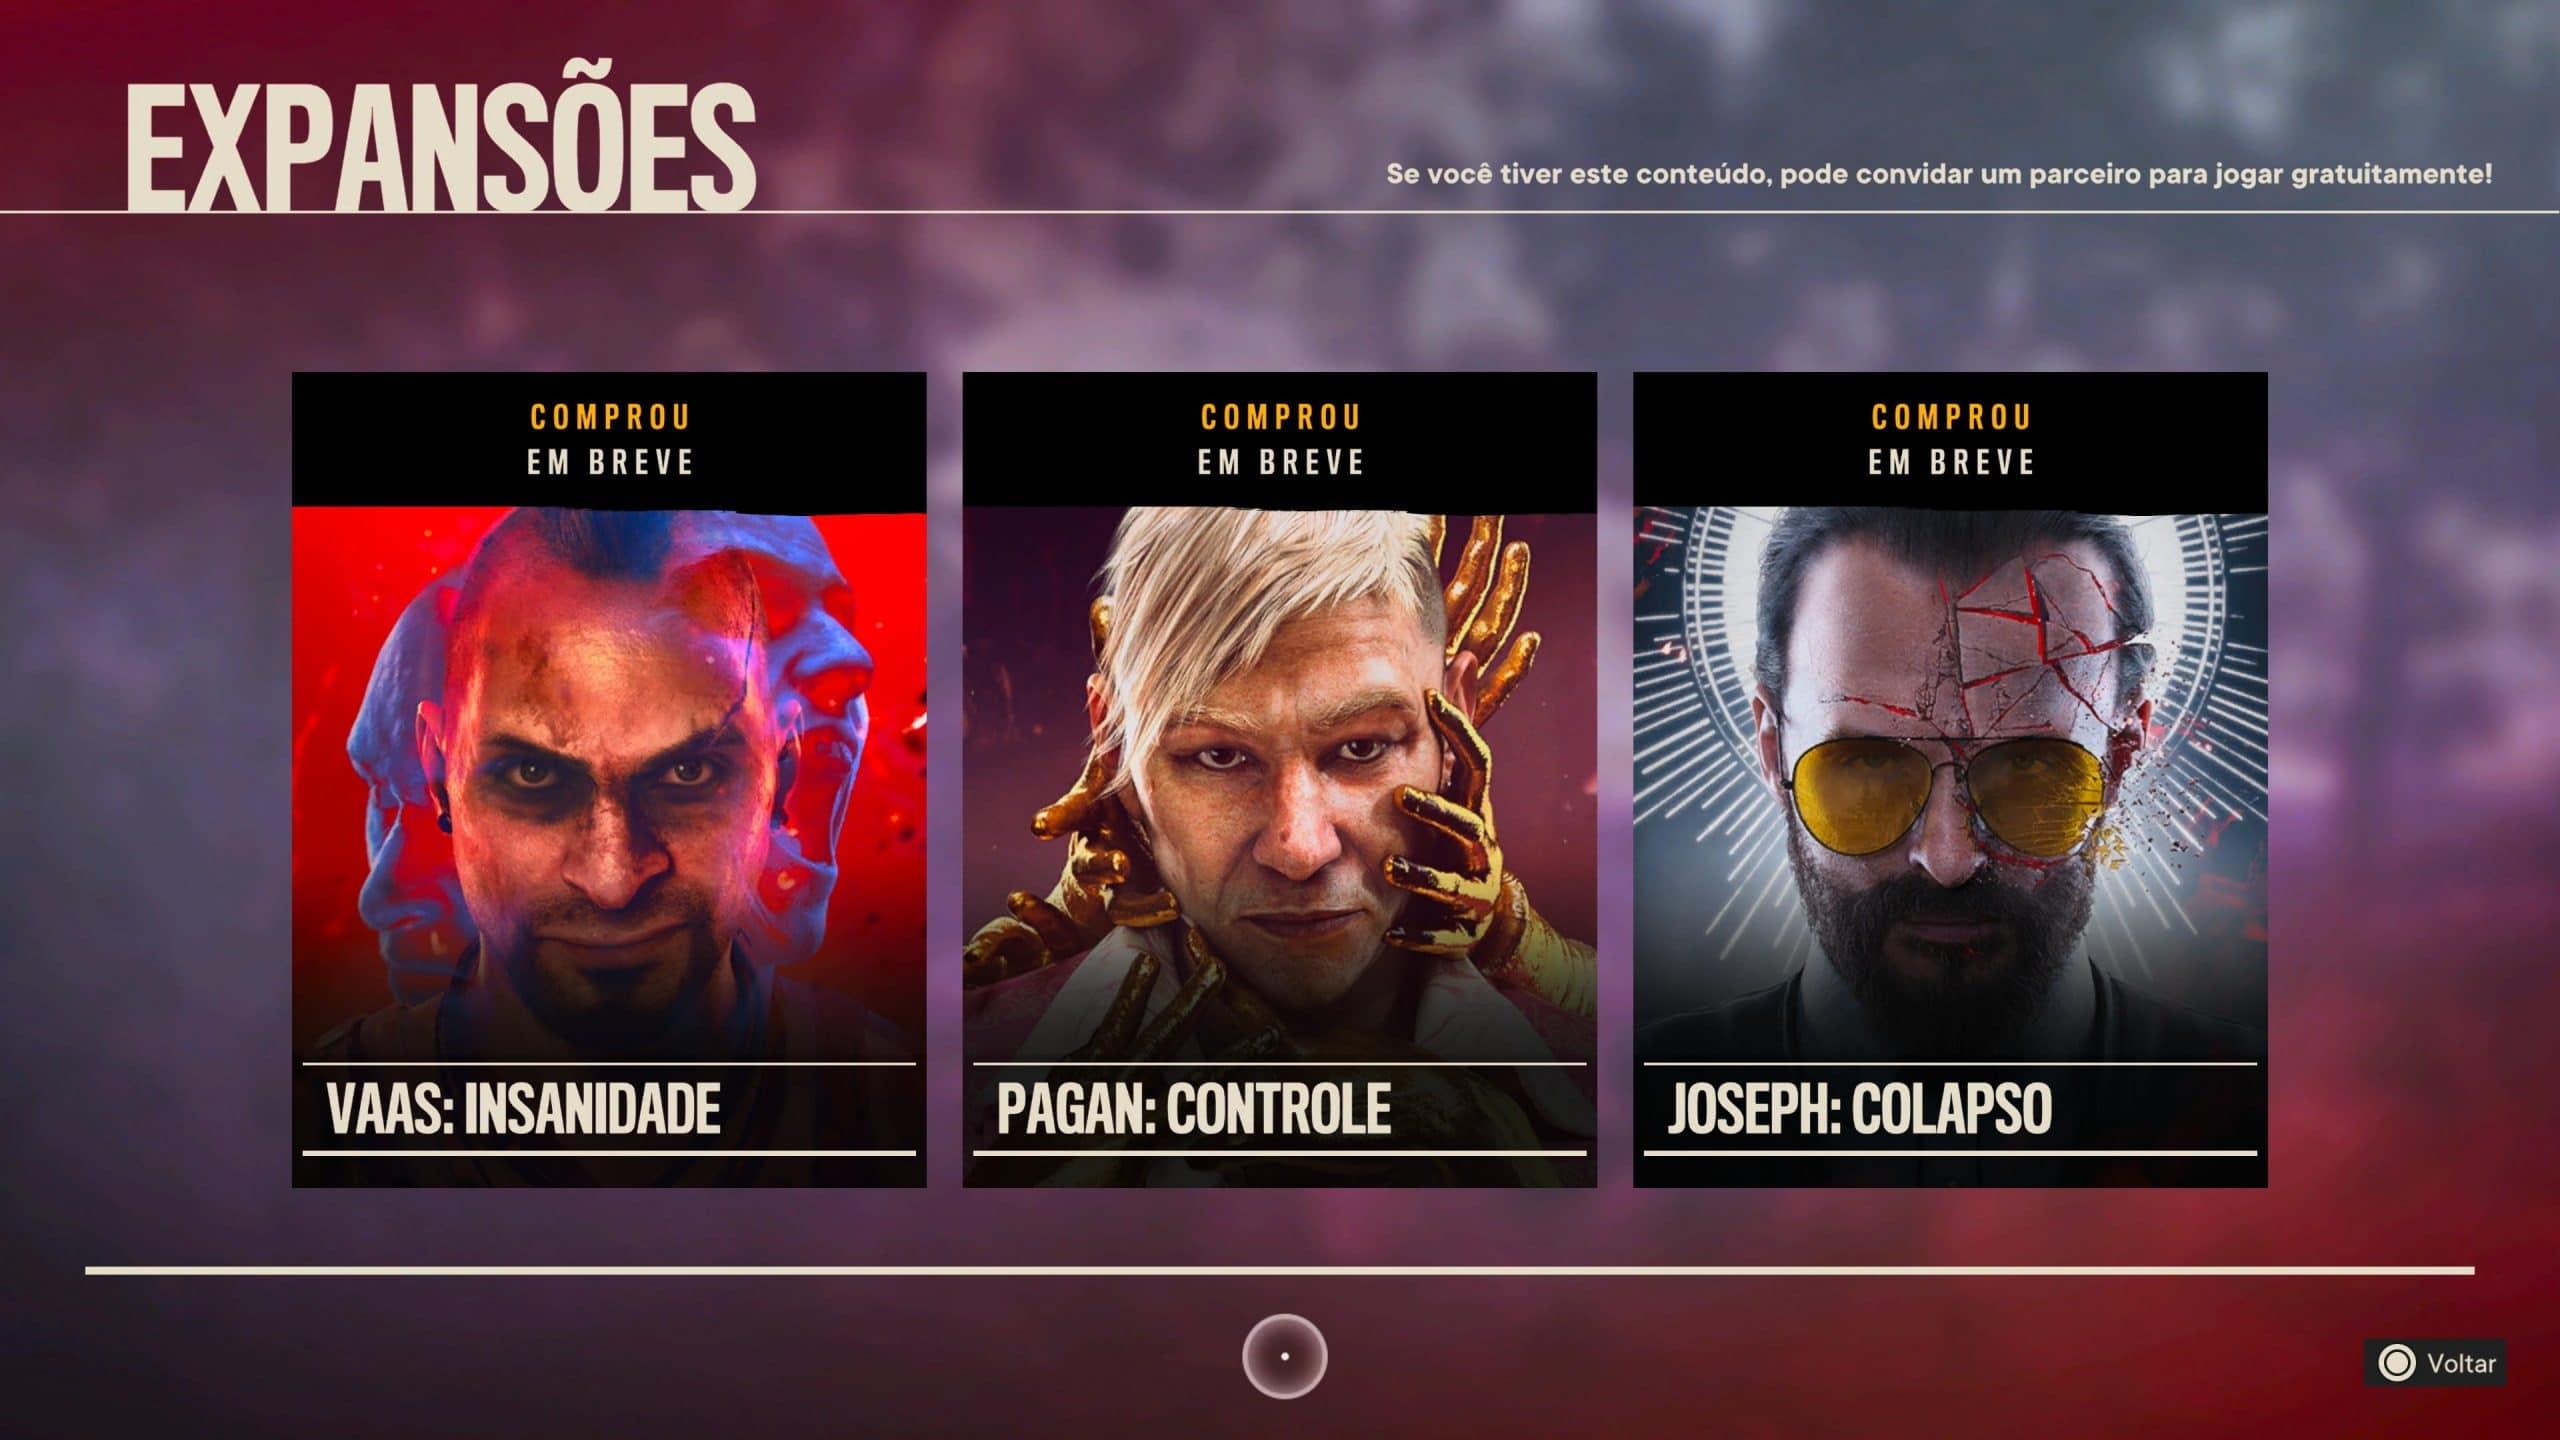 Expansões de Far Cry 6 prometem! (Foto: Reprodução/Thiago Barros)